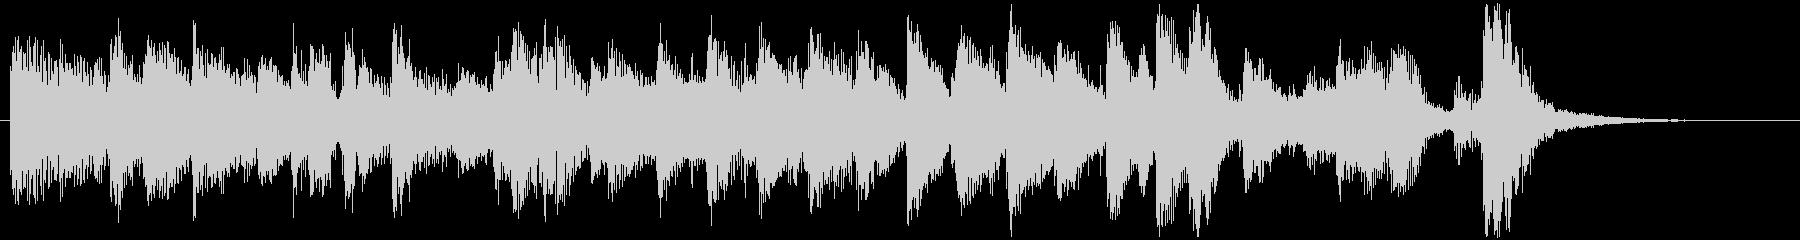 きらきらとしたピアノのジャズ風ジングルの未再生の波形